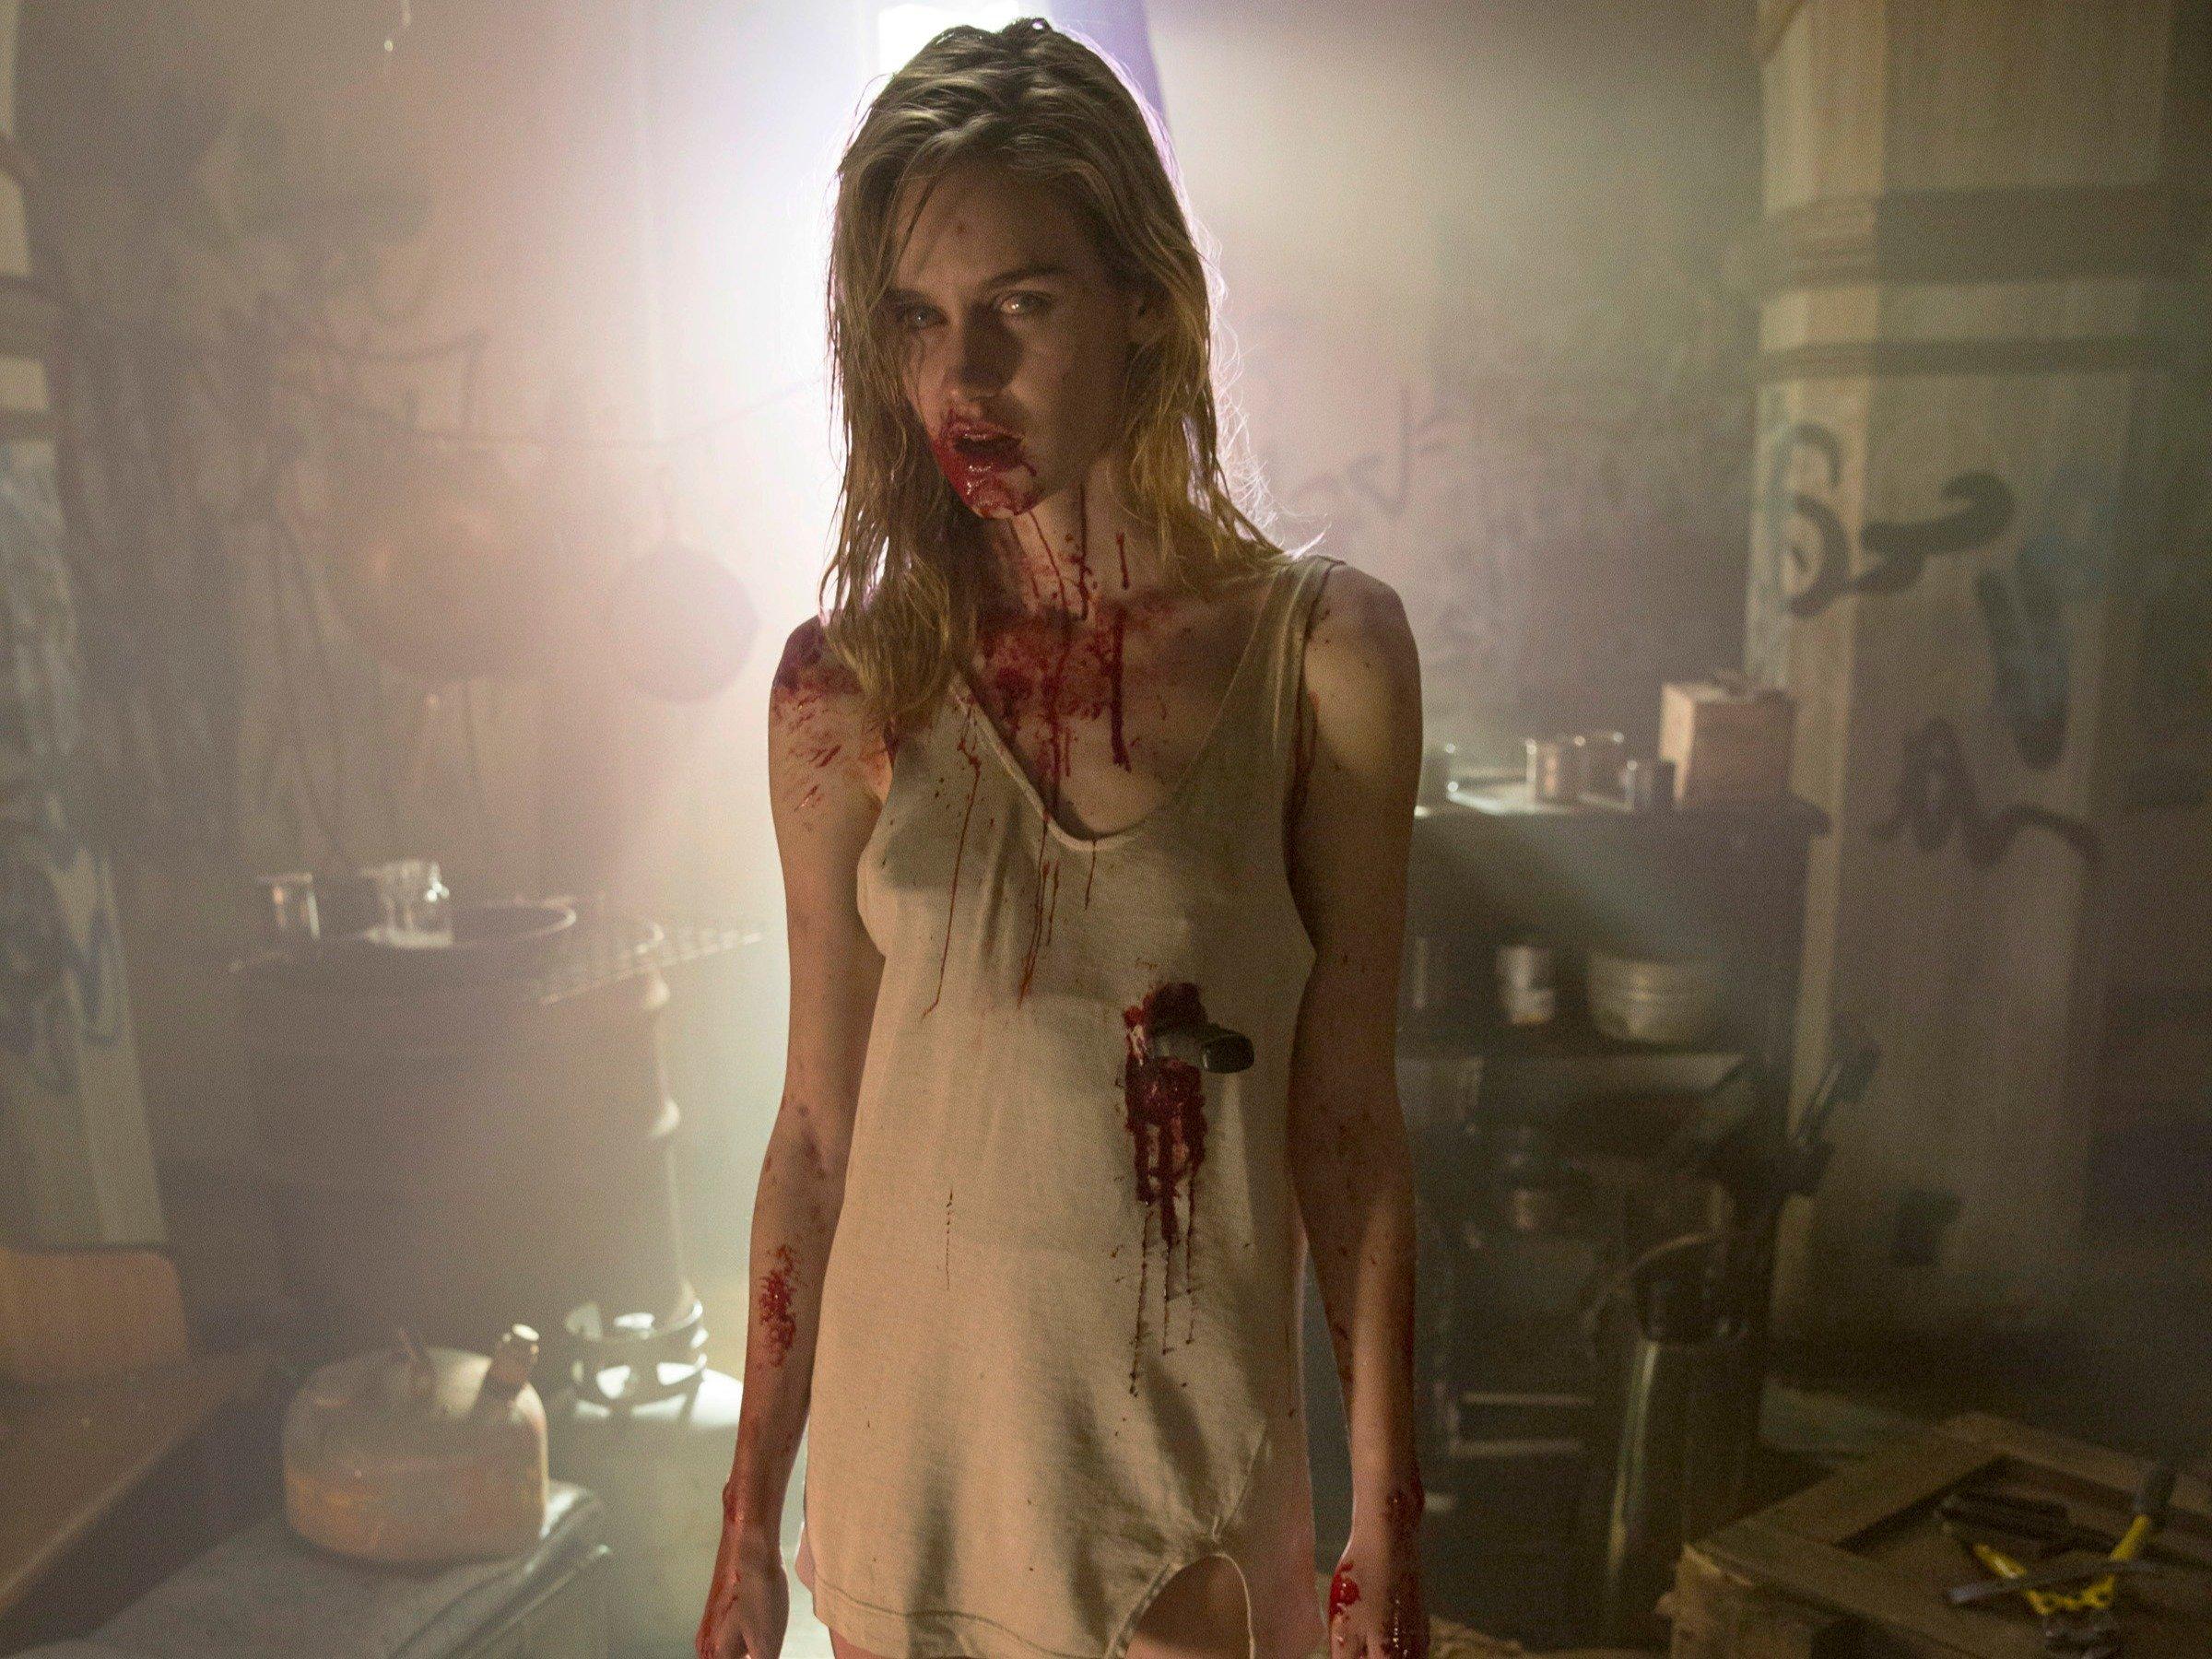 fear-the-walking-dead-zombie